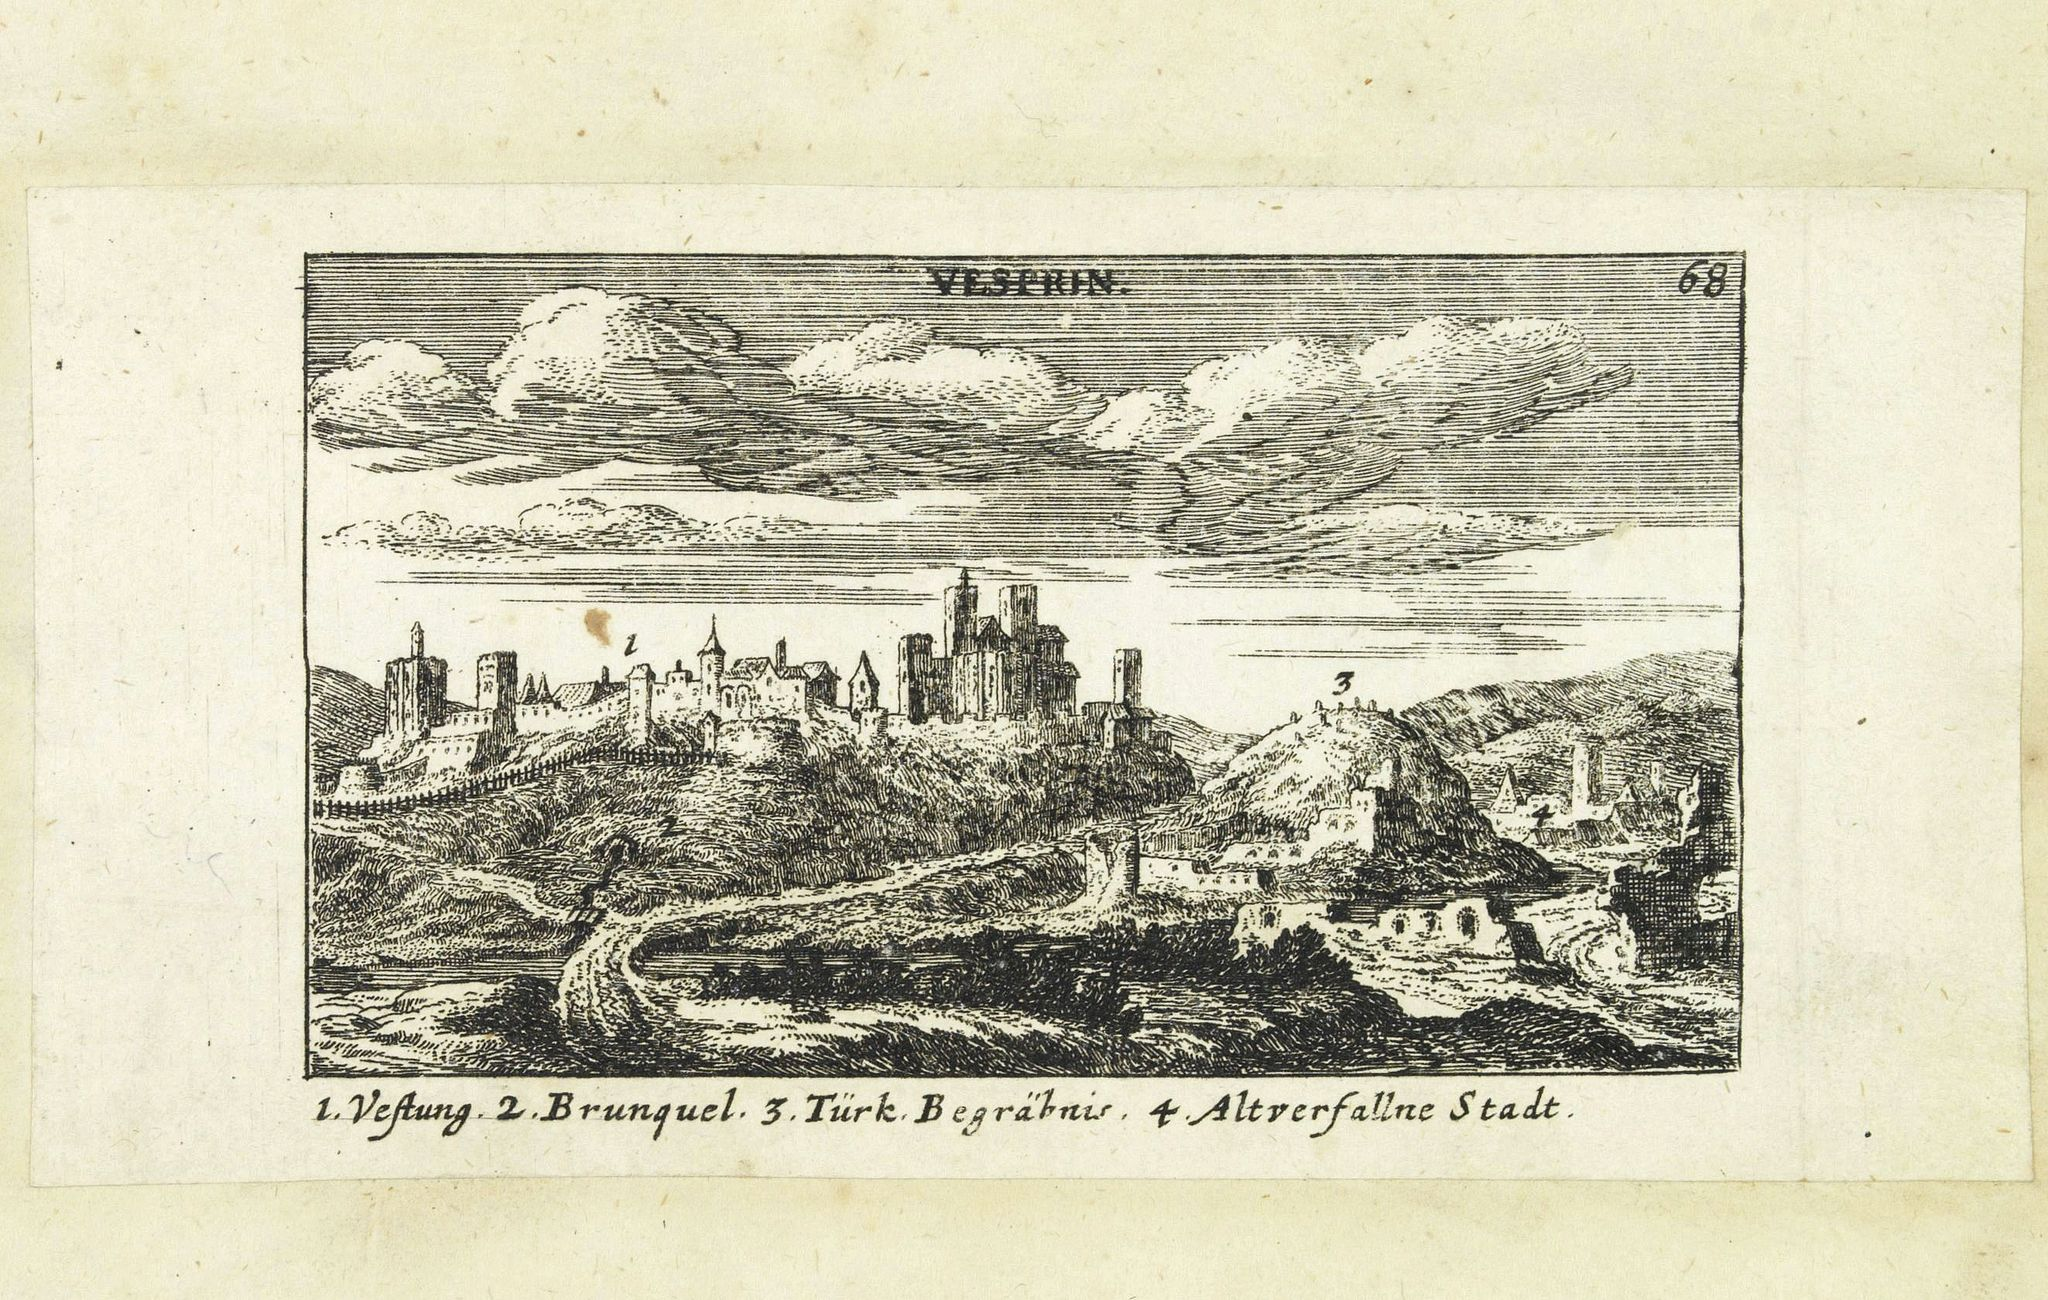 VON BIRKEN, S. -  Vesprin.